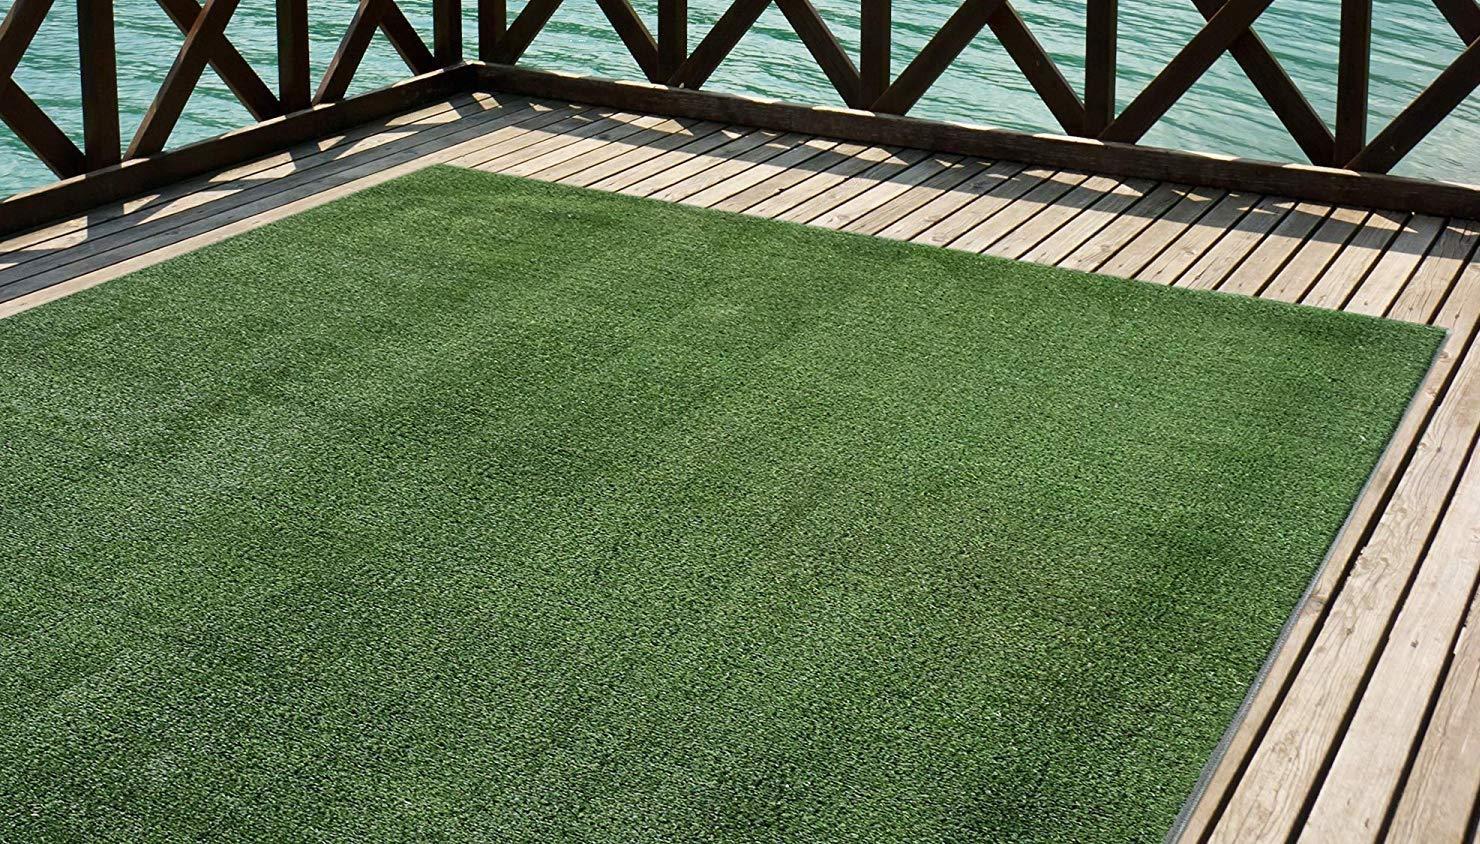 Cesped artificial Premium. Altura de 7mm. Rollos de 2x5 metros Para terraza, jardín, valla, piscina, perro etc (2x5): Amazon.es: Jardín